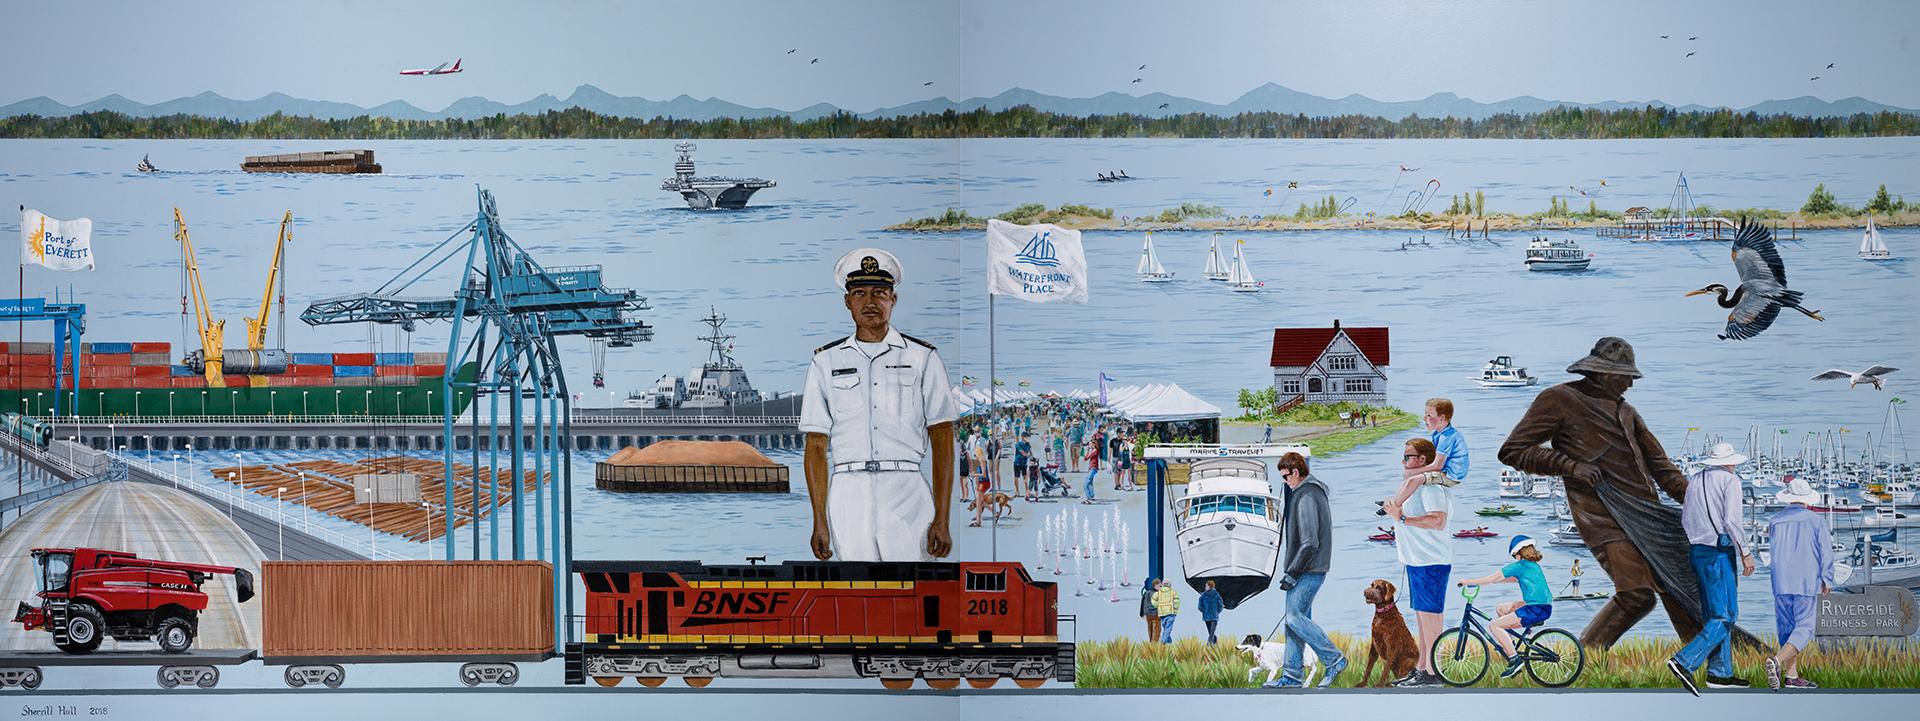 Port of Everett Mural 3